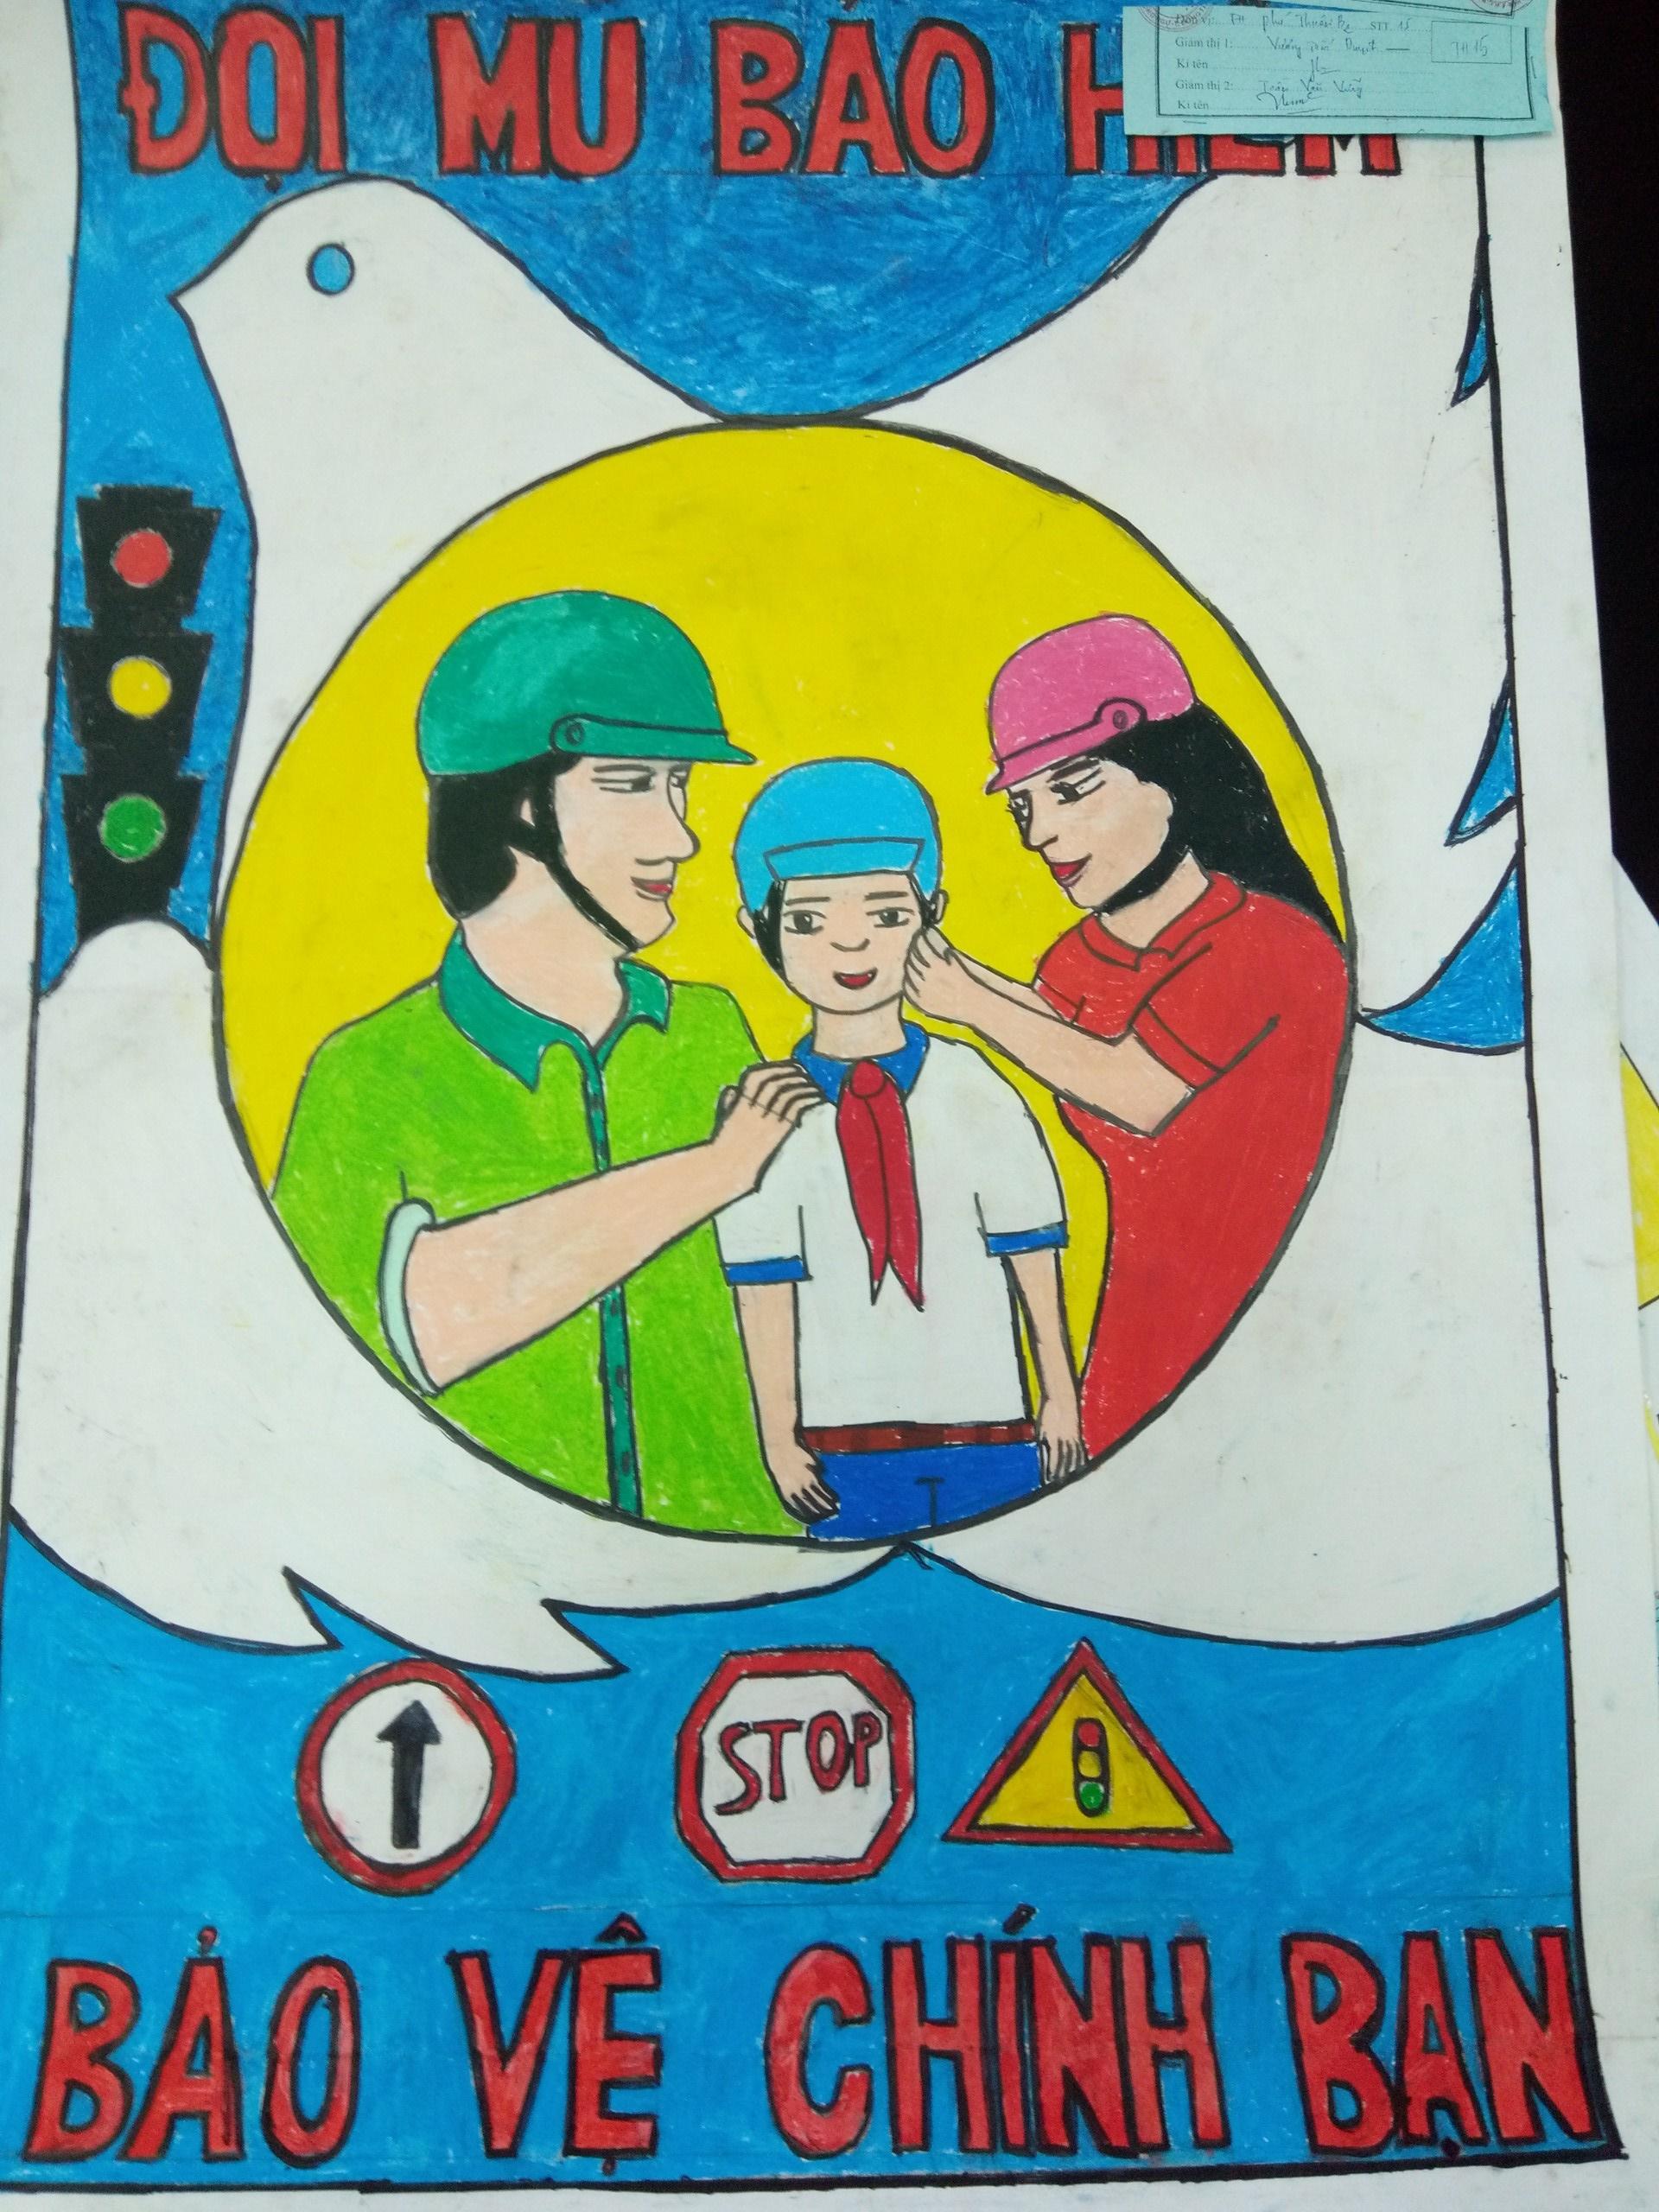 Tranh học sinh vẽ chủ đề an toàn giao thông